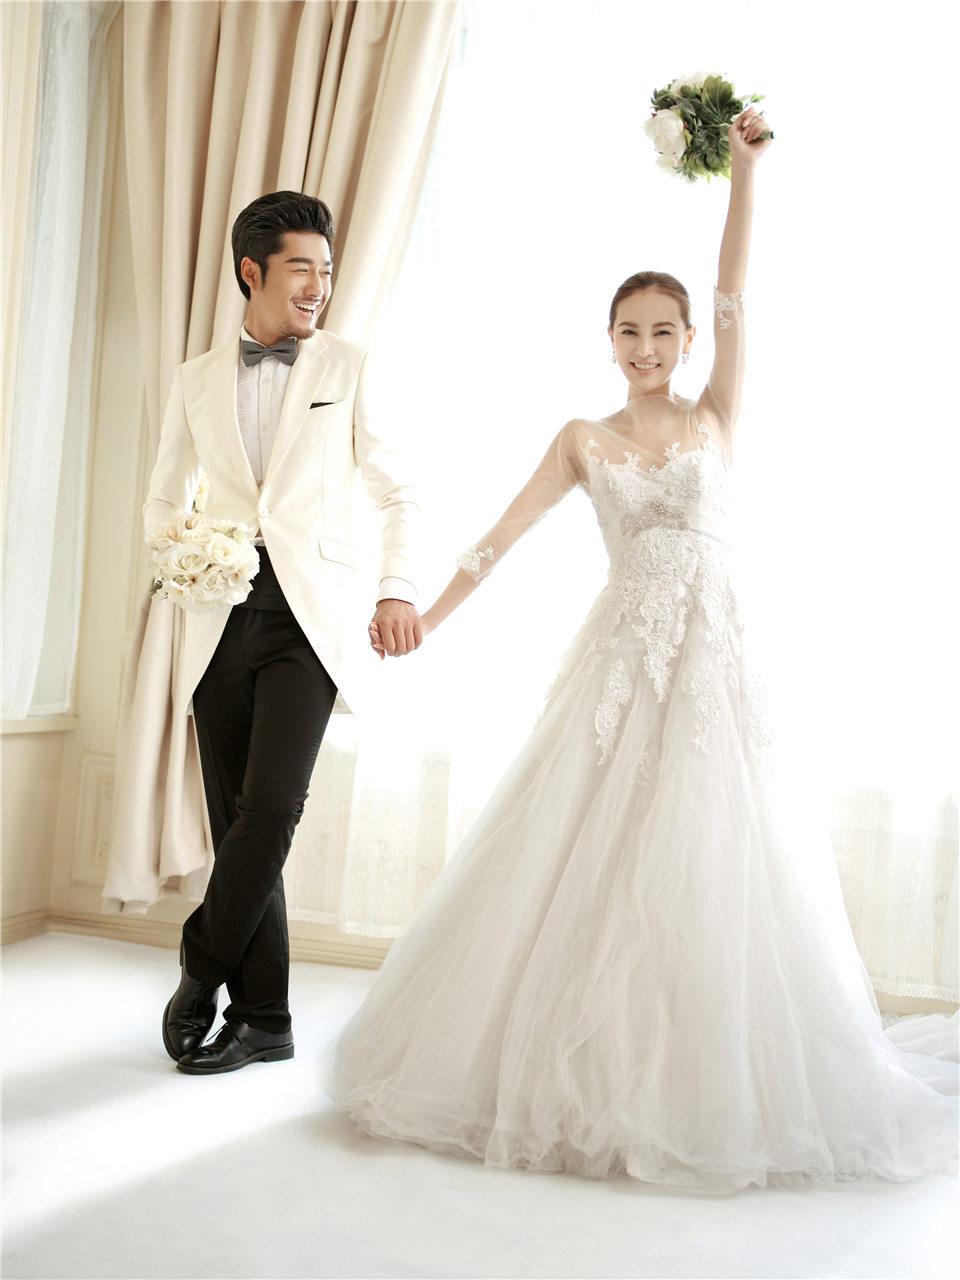 浪漫幸福的韩式婚纱照欣赏